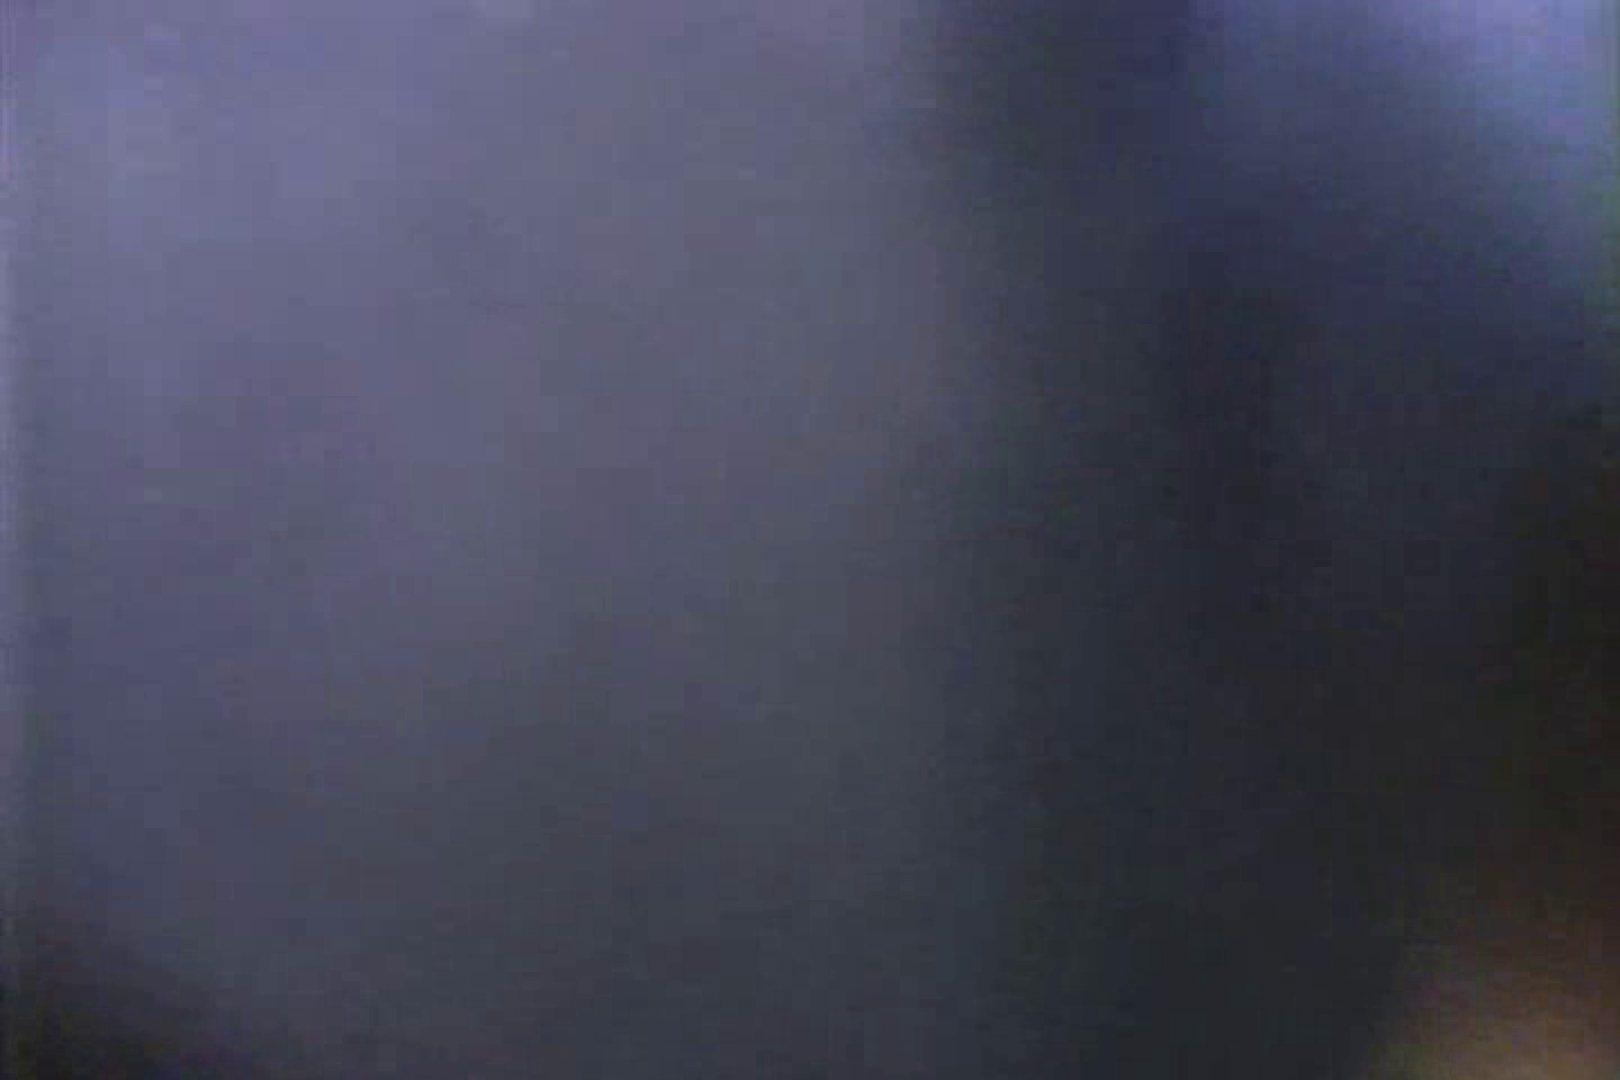 生パン逆さ撮りTK-021 盗撮特集  80画像 80